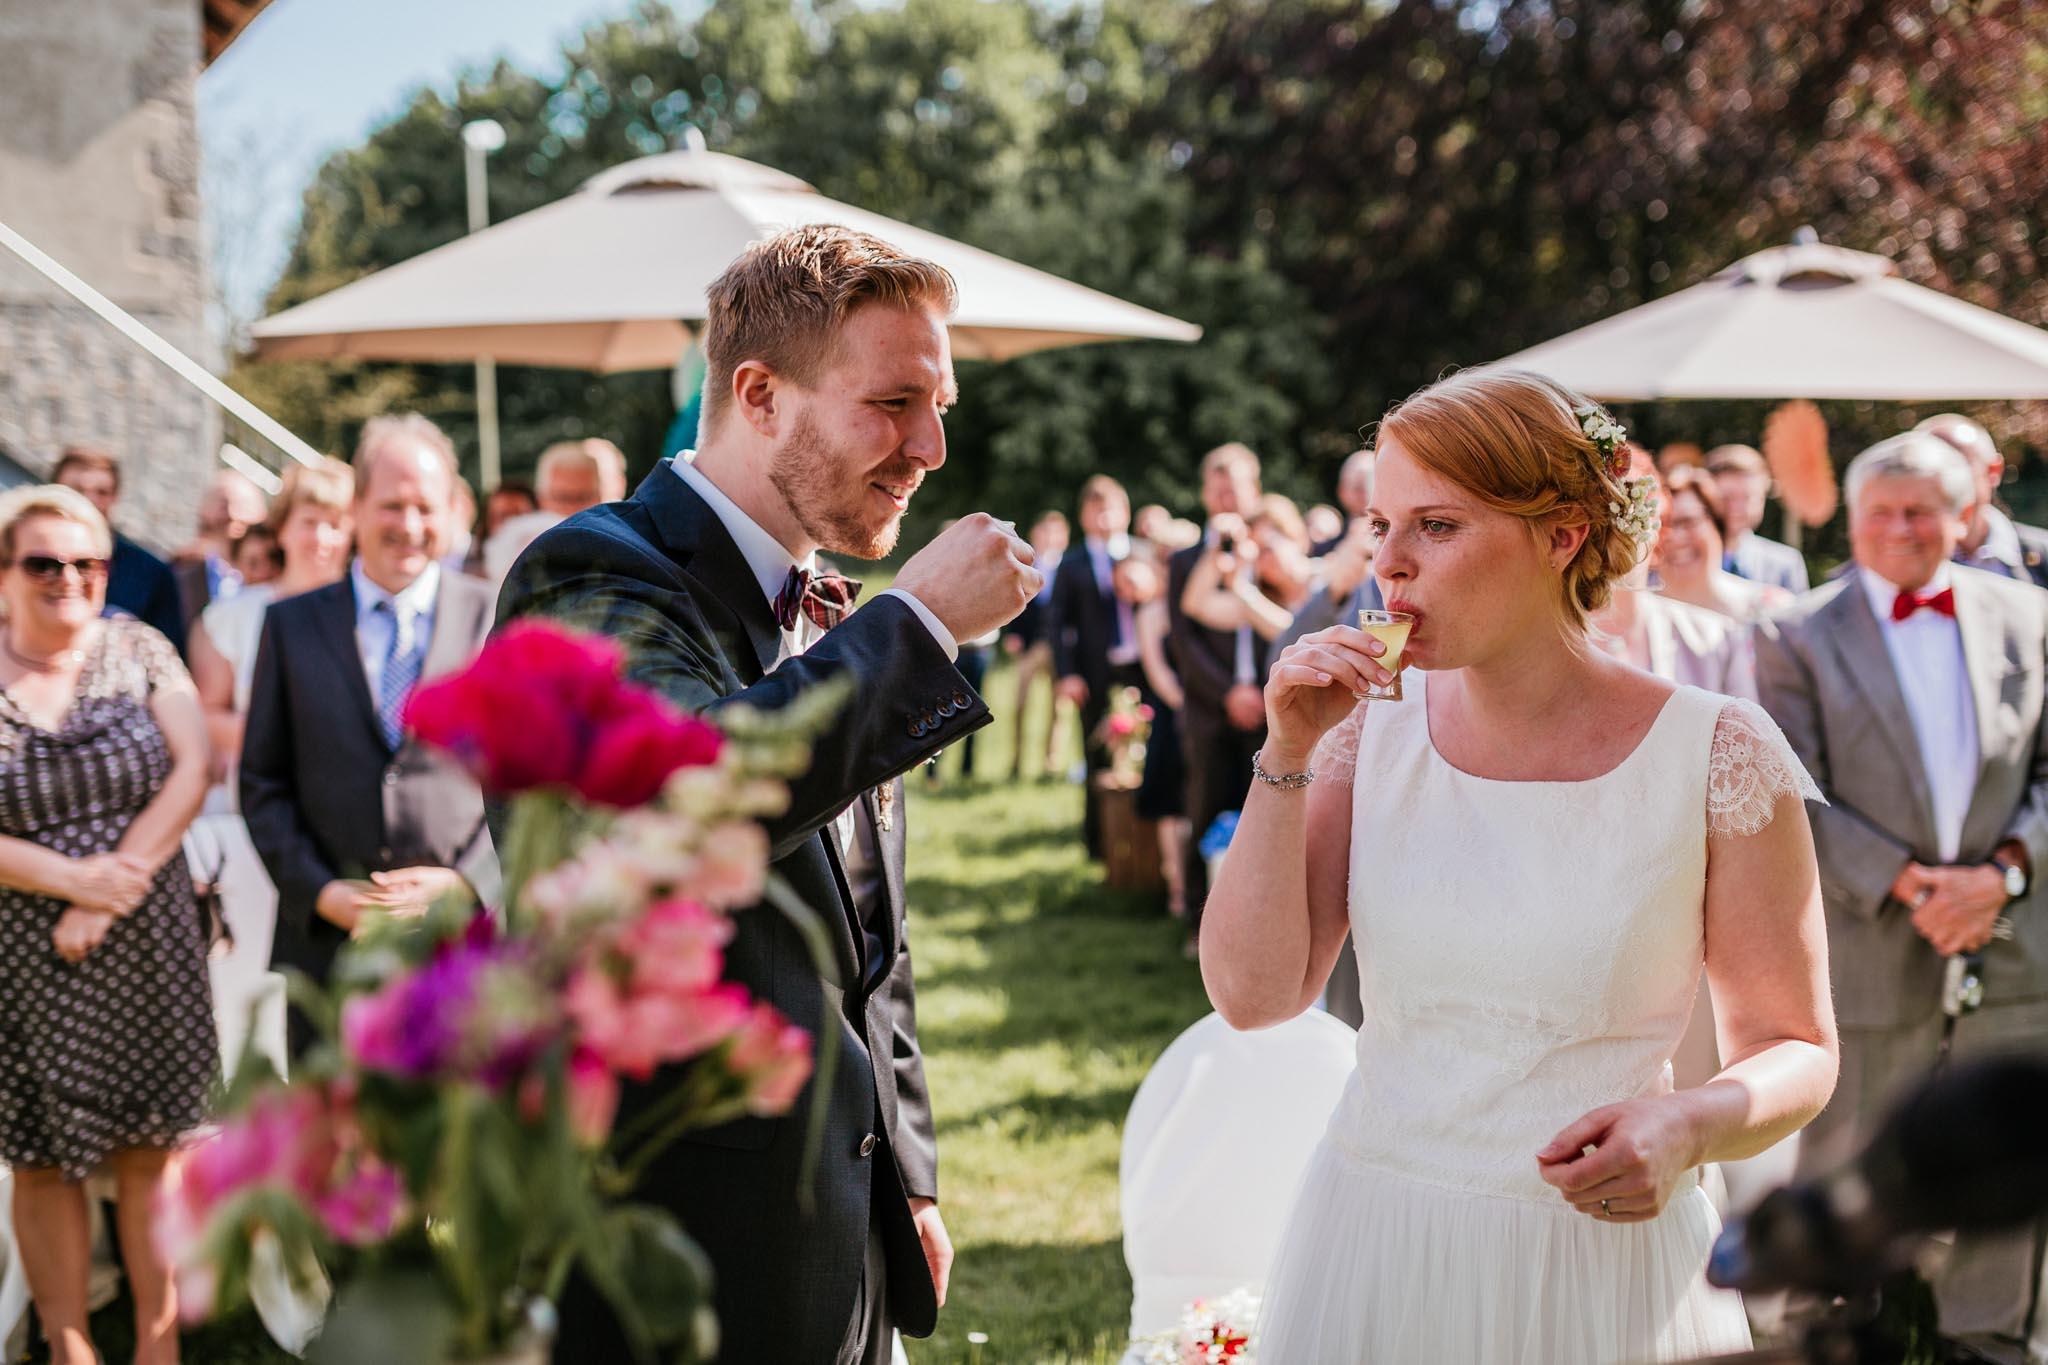 Freie Trauung auf dem Hof Steffen in Bielefeld. Fotos Hof Steffen Bielefeld - Heiraten auf dem Hof Steffen. Hochzeitsfeier im Hof Steffen in Bielefeld.